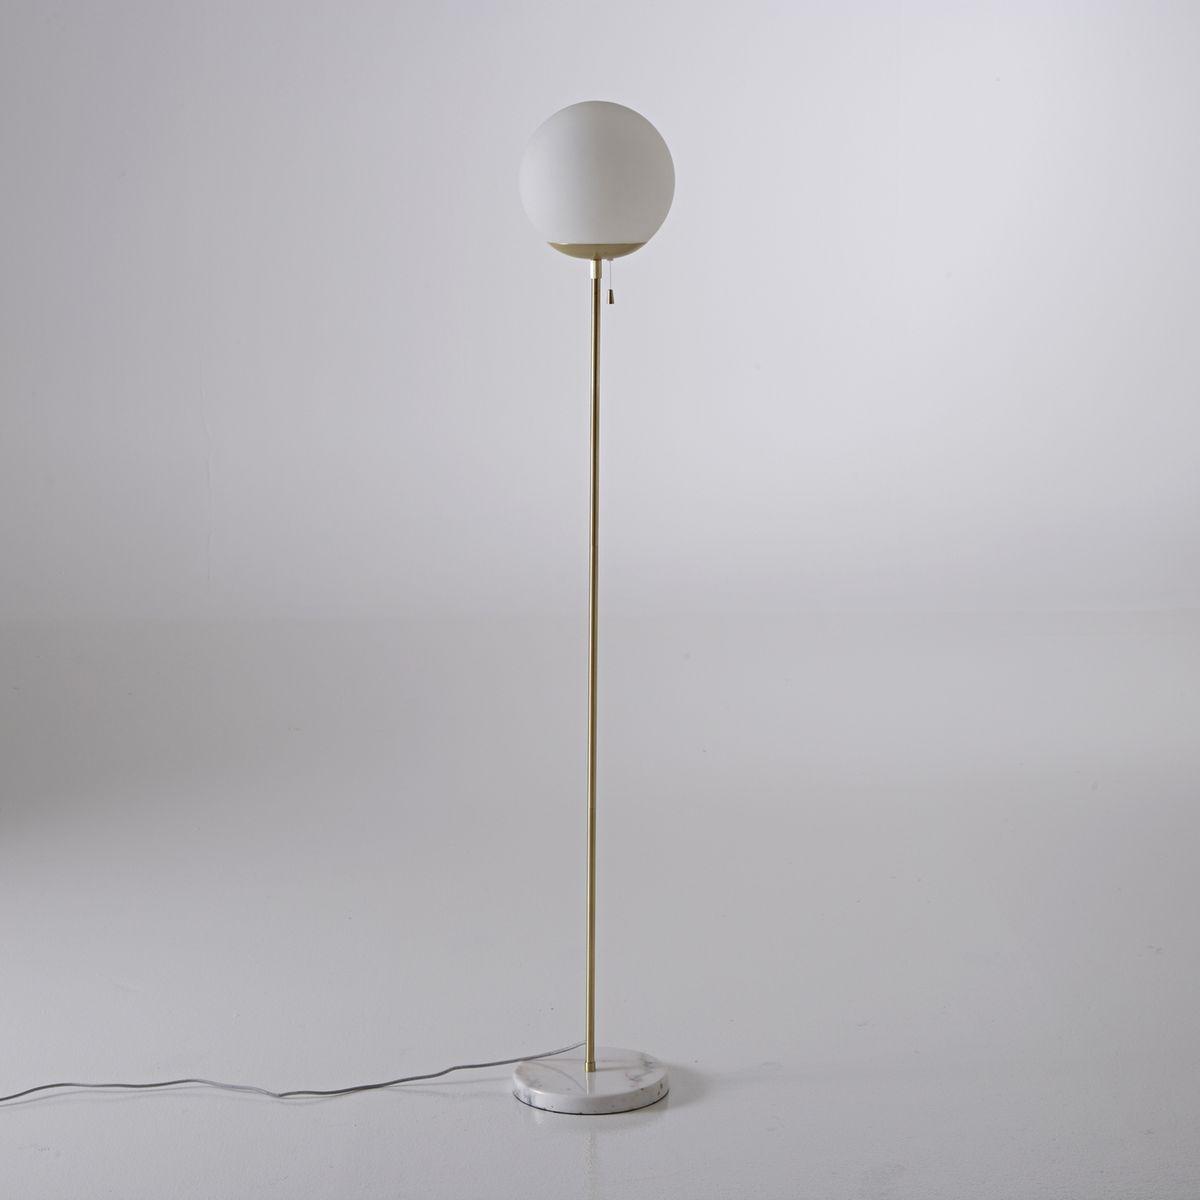 Achat lampadaire eclairage d coration maison et jardin discount page 9 - La redoute lampadaire ...